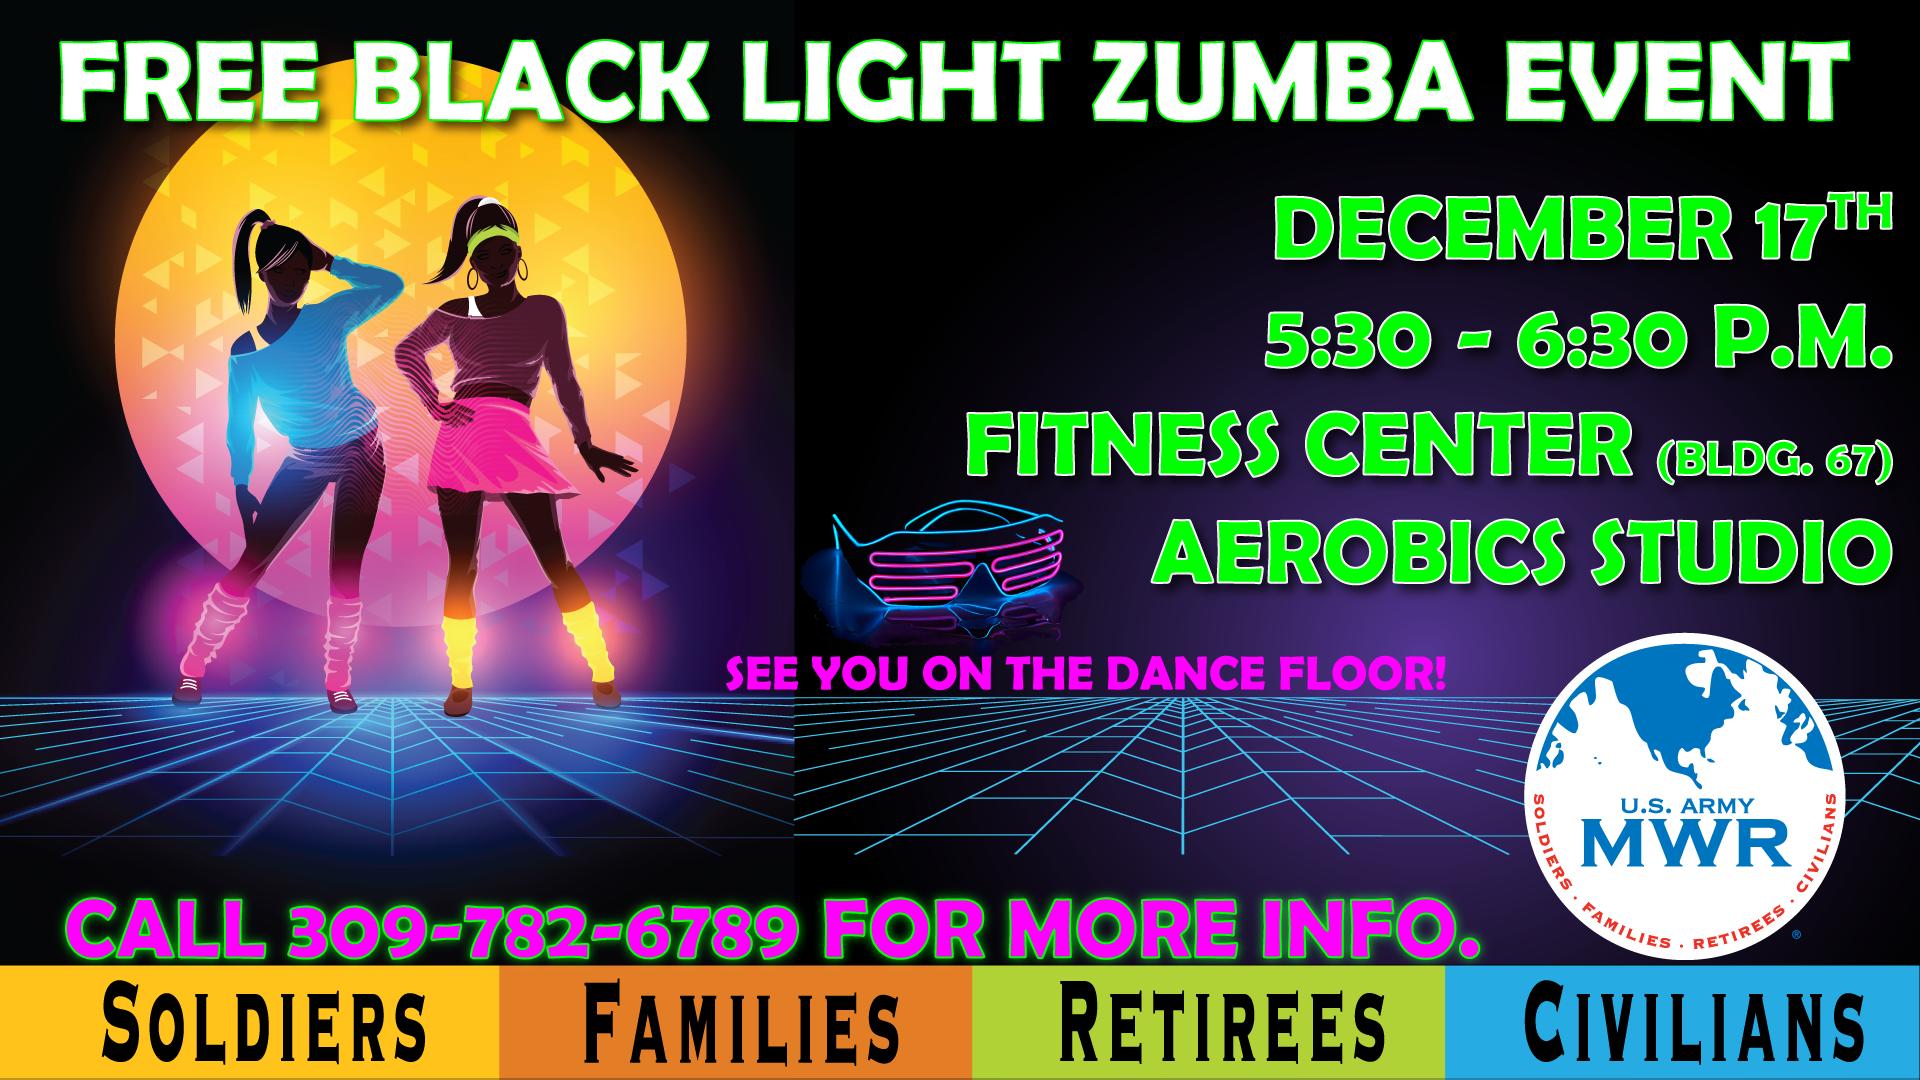 FREE Black Light Zumba